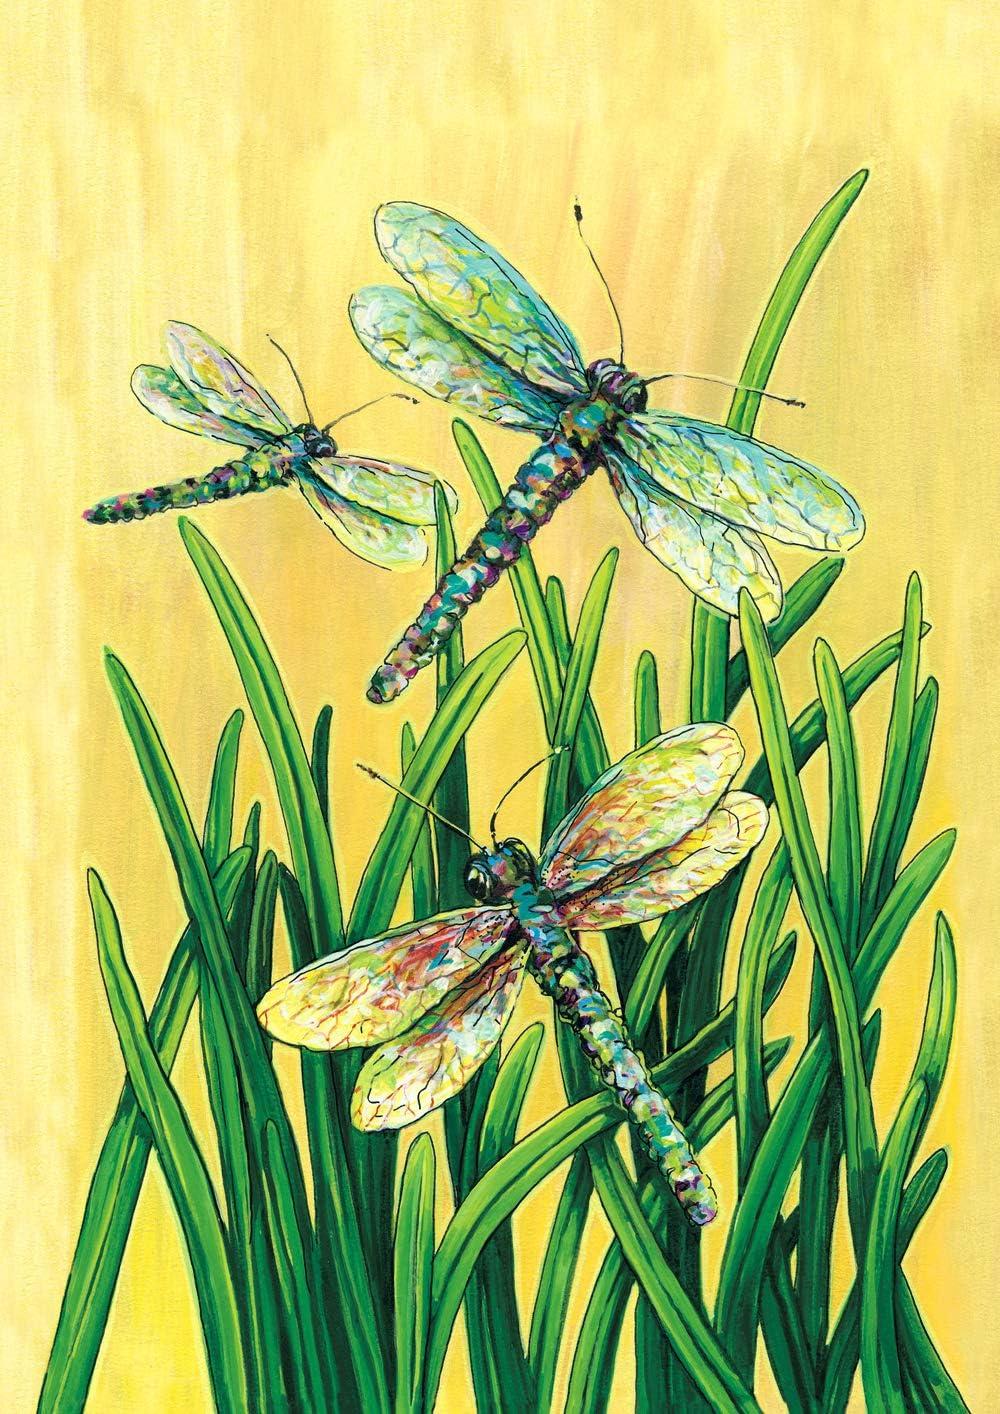 """Toland Home Garden 111402 Dragonflies in Flight 12.5 x 18 Inch Decorative, Garden Flag-12.5"""" x18"""""""